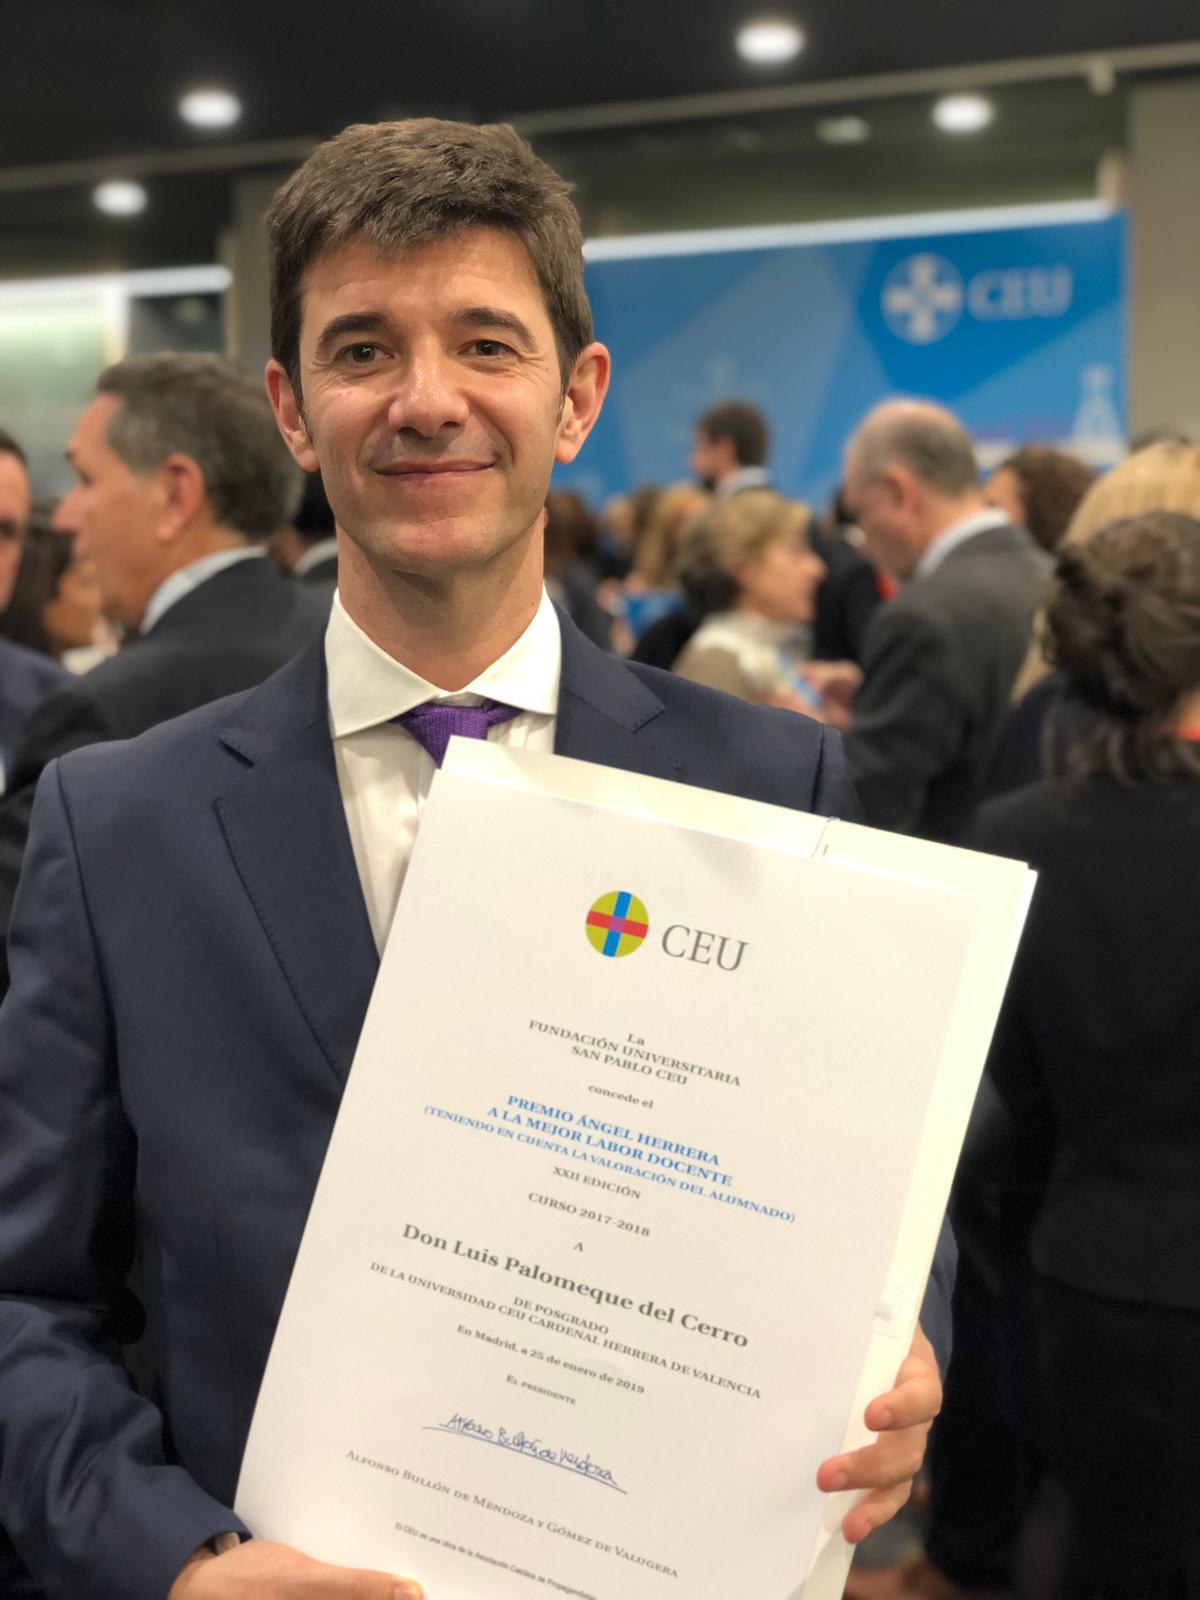 Luis Palomeque, un profesor extraordinario del Máster de Fisioterapia CEU-UCH, premio a la mejor labor docente